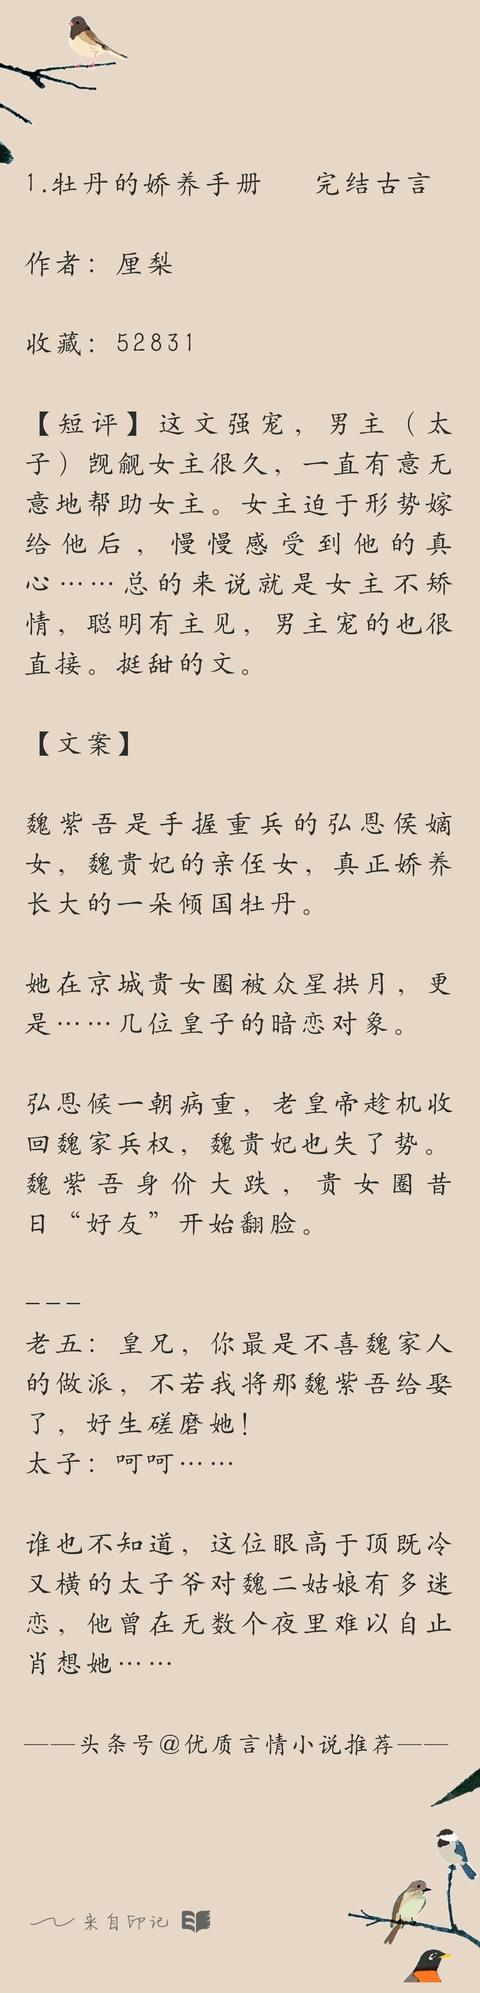 牡丹的娇养手册_达文小说网手机阅读